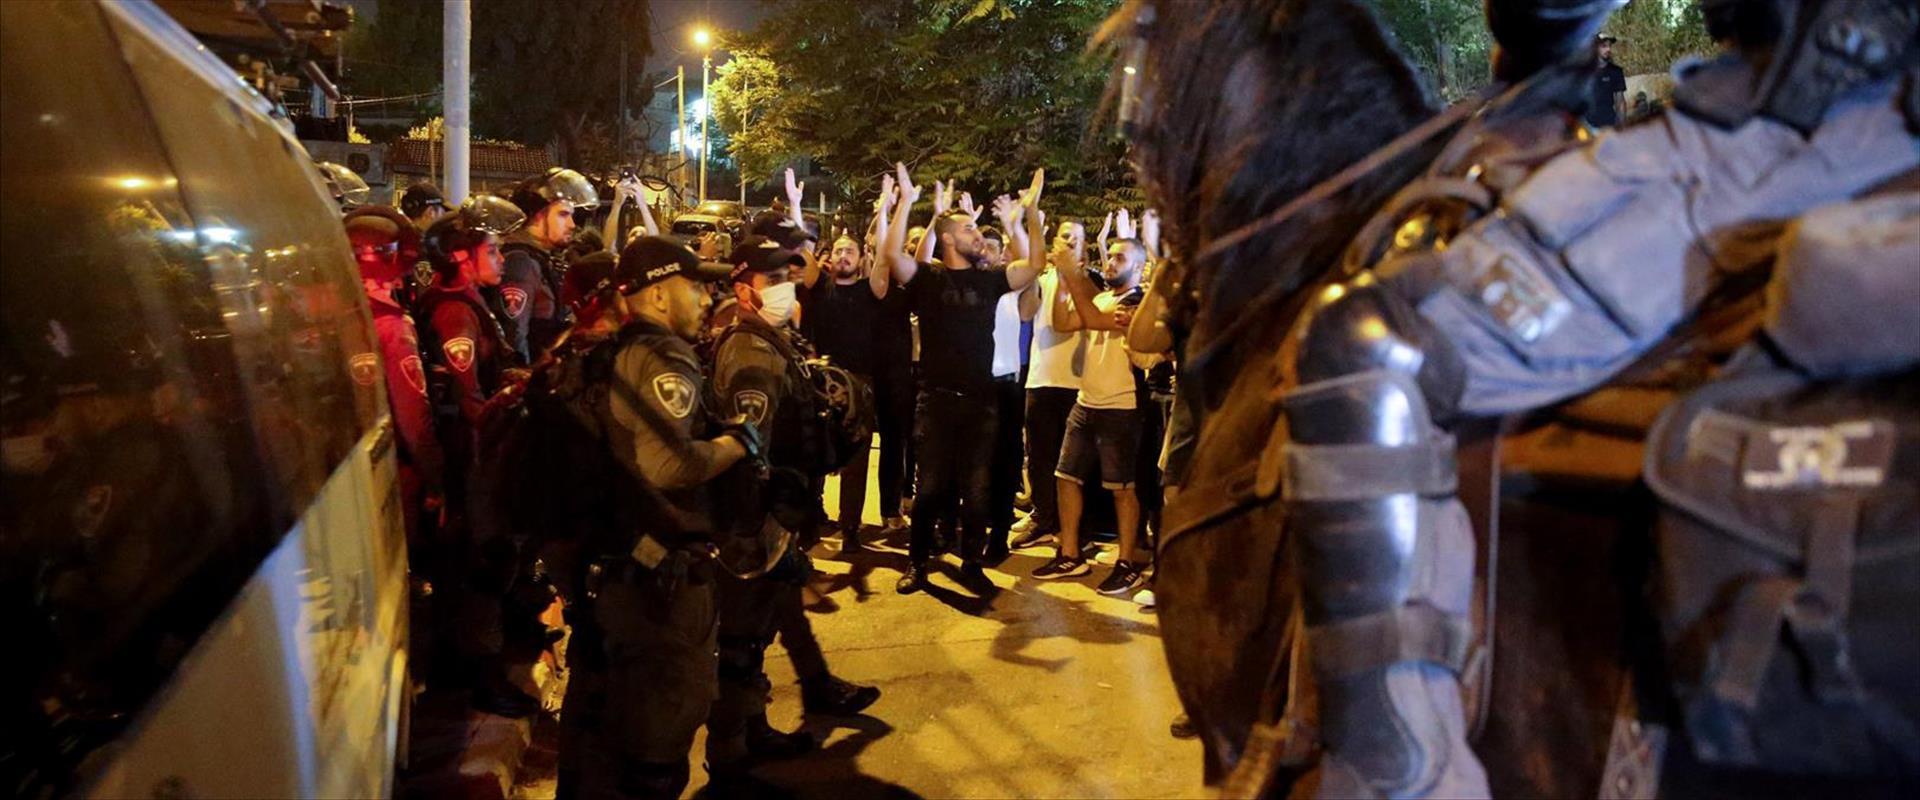 ההפגנה בשייח' ג'ראח, הלילה